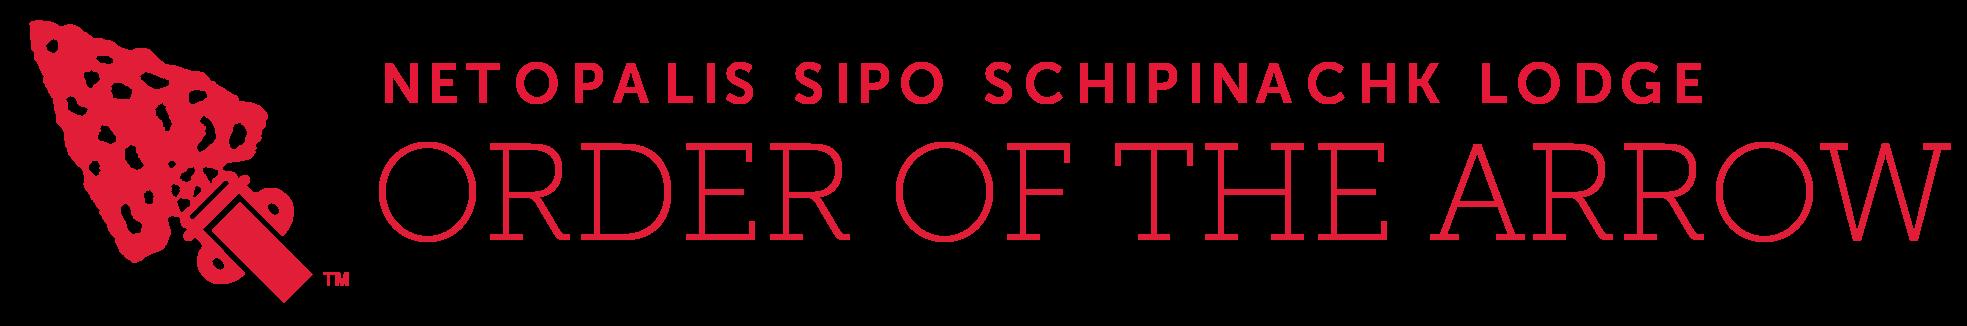 Netopalis Sipo Schipinachk Lodge